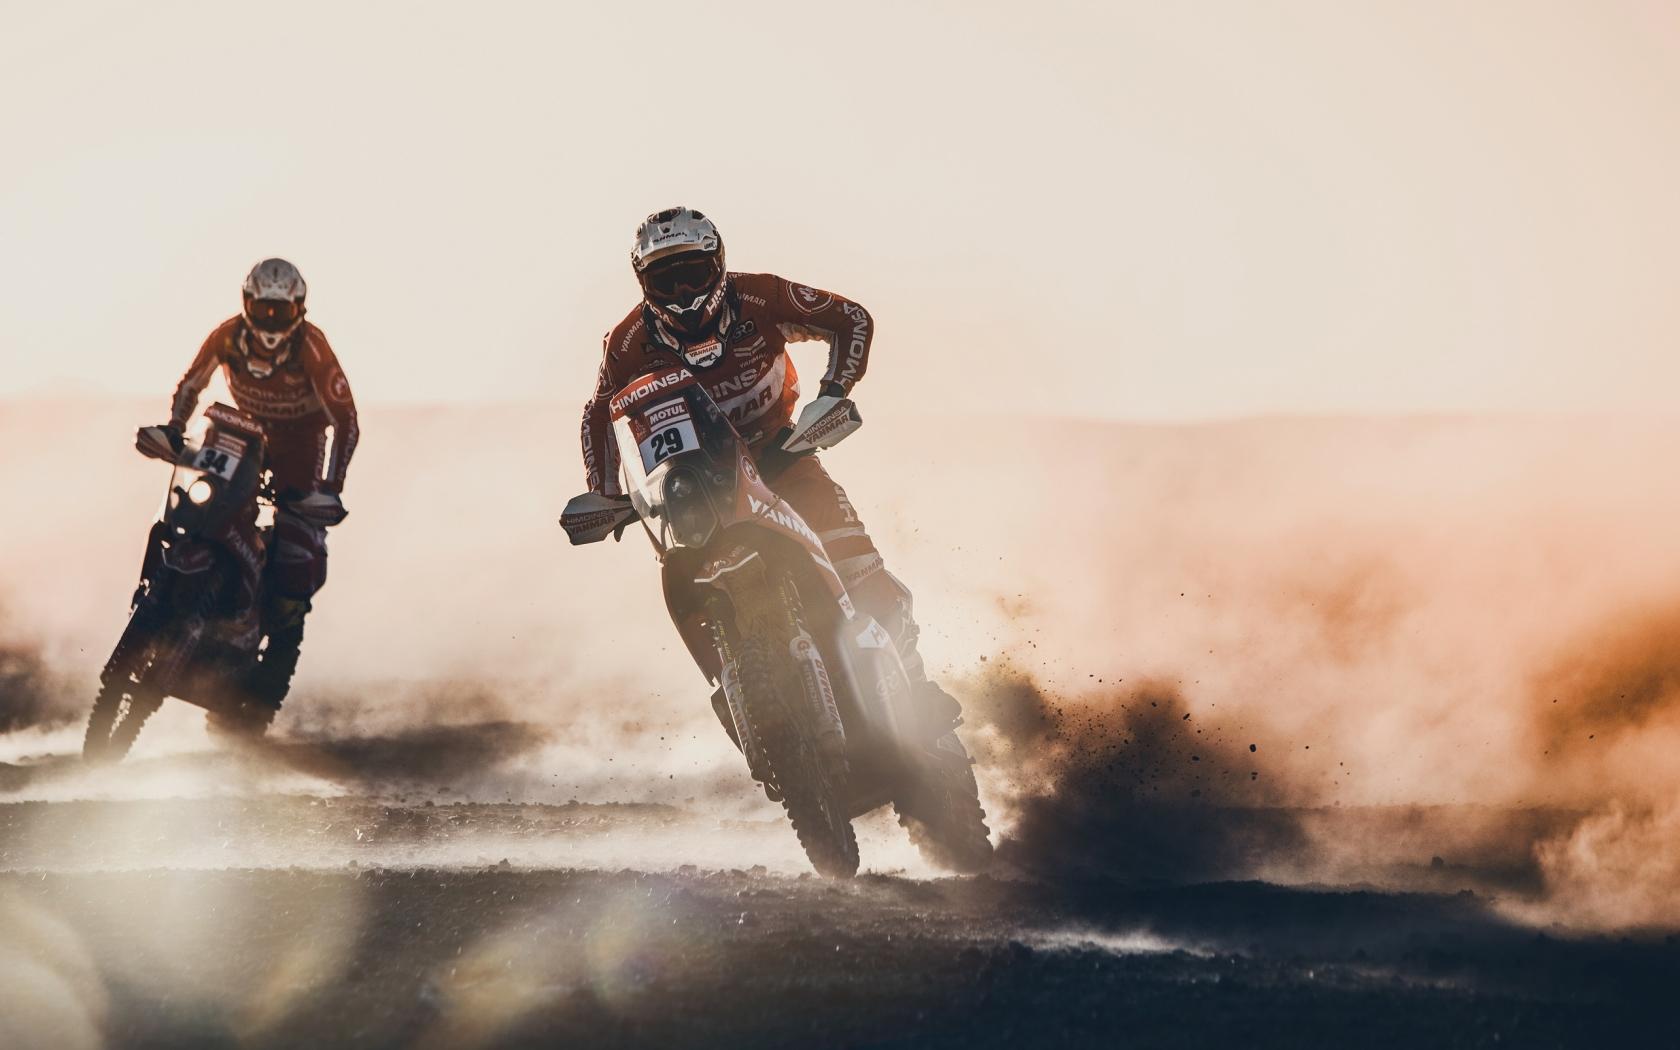 Motos en el Dakar 2018 - 1680x1050